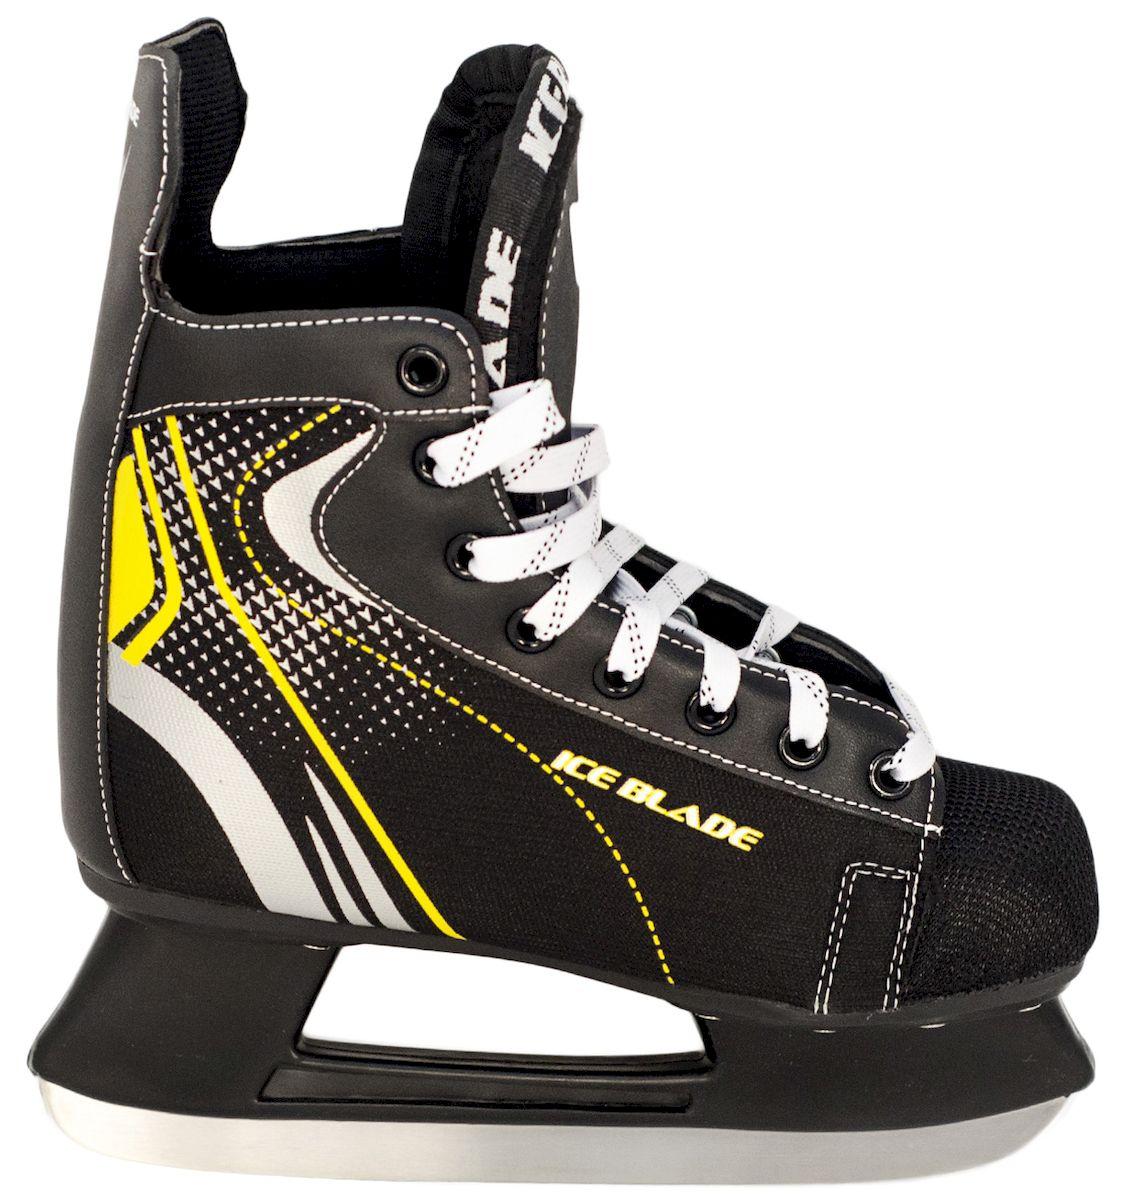 Коньки хоккейные Ice Blade Shark, цвет: черный, желтый. УТ-00006841. Размер 37УТ-00006841Коньки хоккейные Shark - модный яркий дизайн коньков данной модели делает ее очень популярной у любителей хоккея. Модель Shark от Ice Blade также хорошо подойдет и для коммерческого использования. Данная модель часто используется в прокате. Коньки поставляются с заводской заточкой лезвия, что позволяет сразу приступить к катанию, не тратя время и денег на заточку. Коньки подходят для использования на открытом и закрытом льду. Основные характеристики: Назначение: хоккейные коньки Тип фиксации: шнурки Дополнительные характеристики: Материал ботинка: искусственная кожа, высокопрочная нейлоновая ткань, ударостойкий пластик Внутренняя отделка: вельветин с утеплением Лезвие: лезвие выполнено из высокоуглеродистой стали с покрытием из никеля Упаковка: удобная сумка Дополнительно: Гарантия 1 год